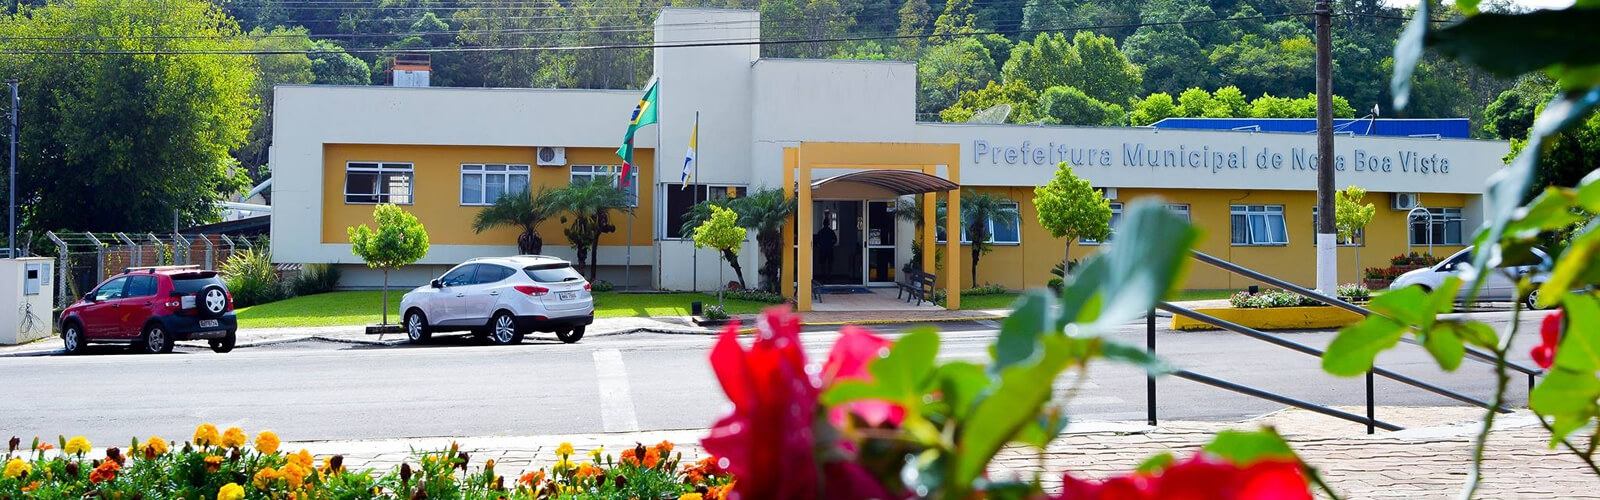 Prefeitura Municipal de Nova Boa Vista